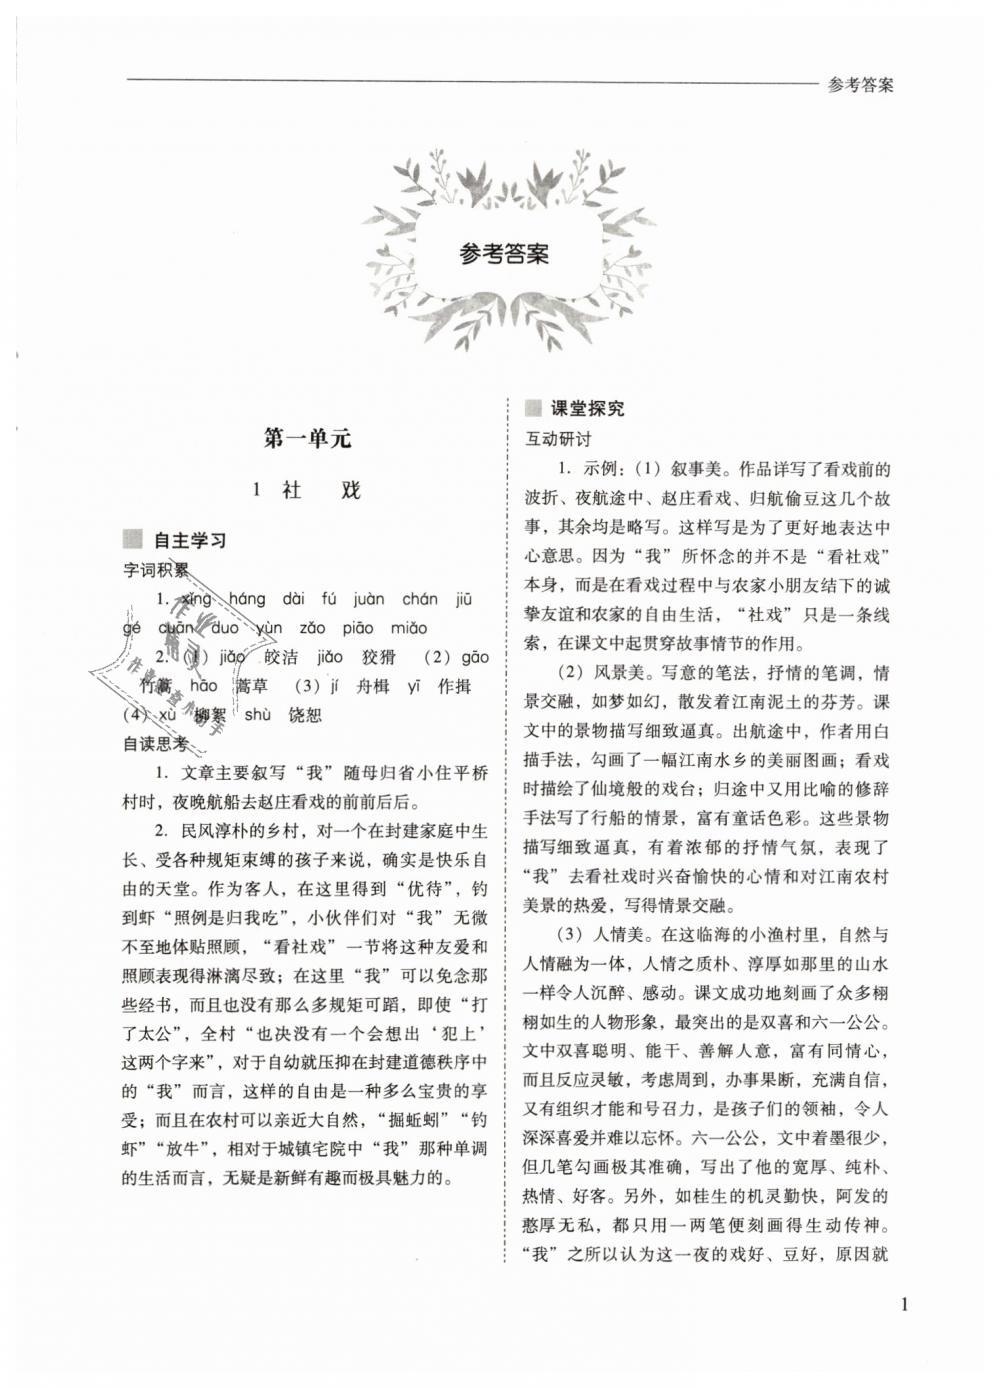 2019年新课程问题解决导学方案八年级语文下册人教版第1页